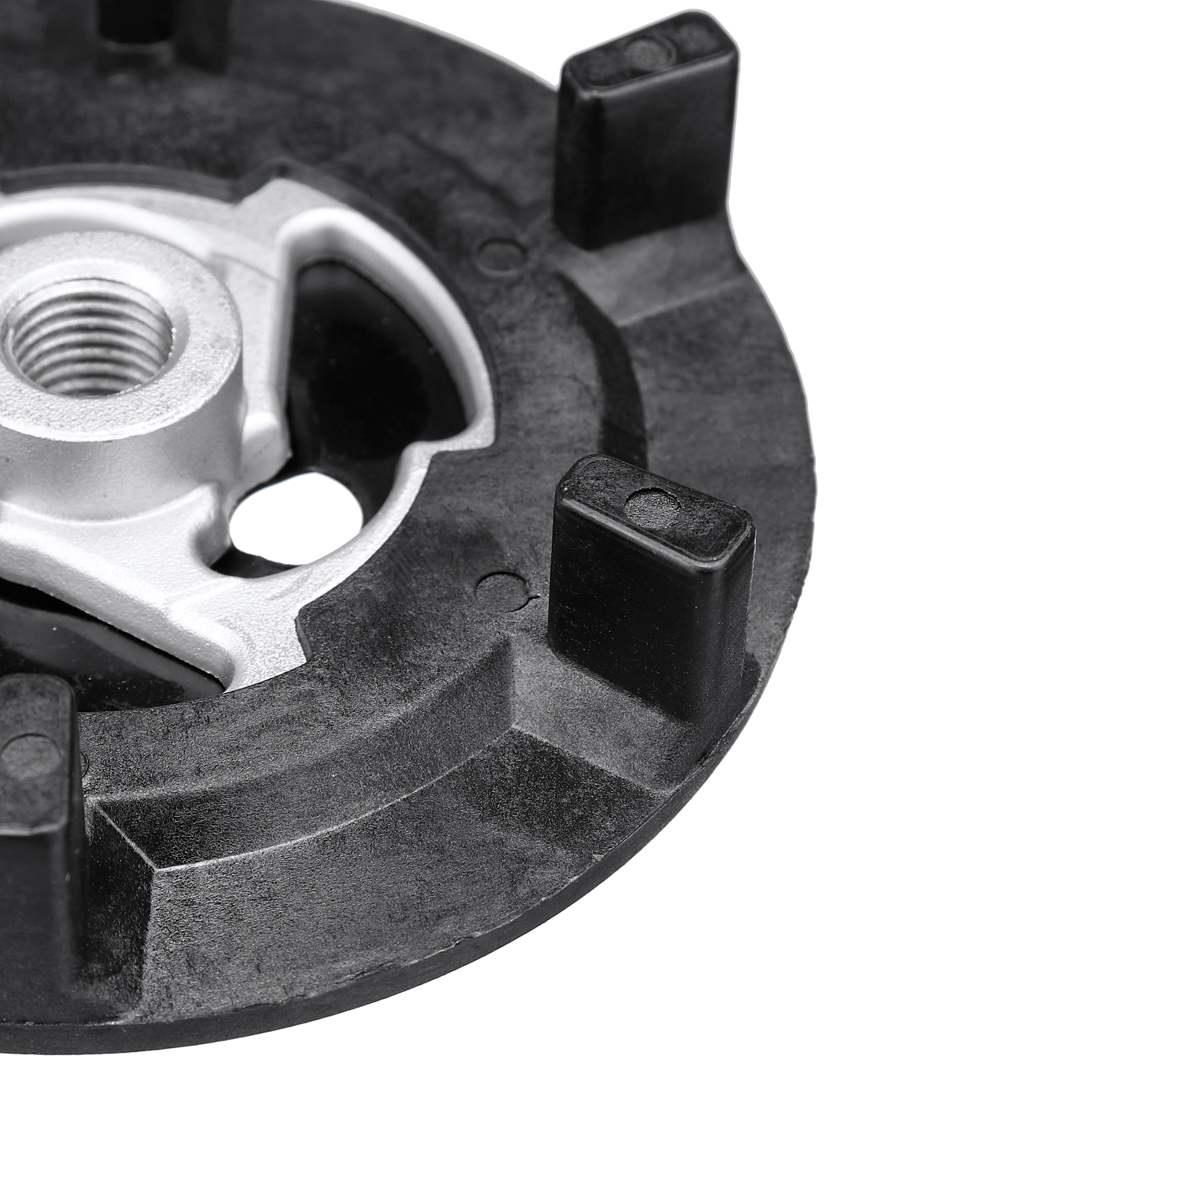 Автомобильный Кондиционер A/C муфта воздушного компрессора ступицы резины 5SE09C 5SL12C 5SEU12C 6SEU14C 6SEU17C 7SEU17C